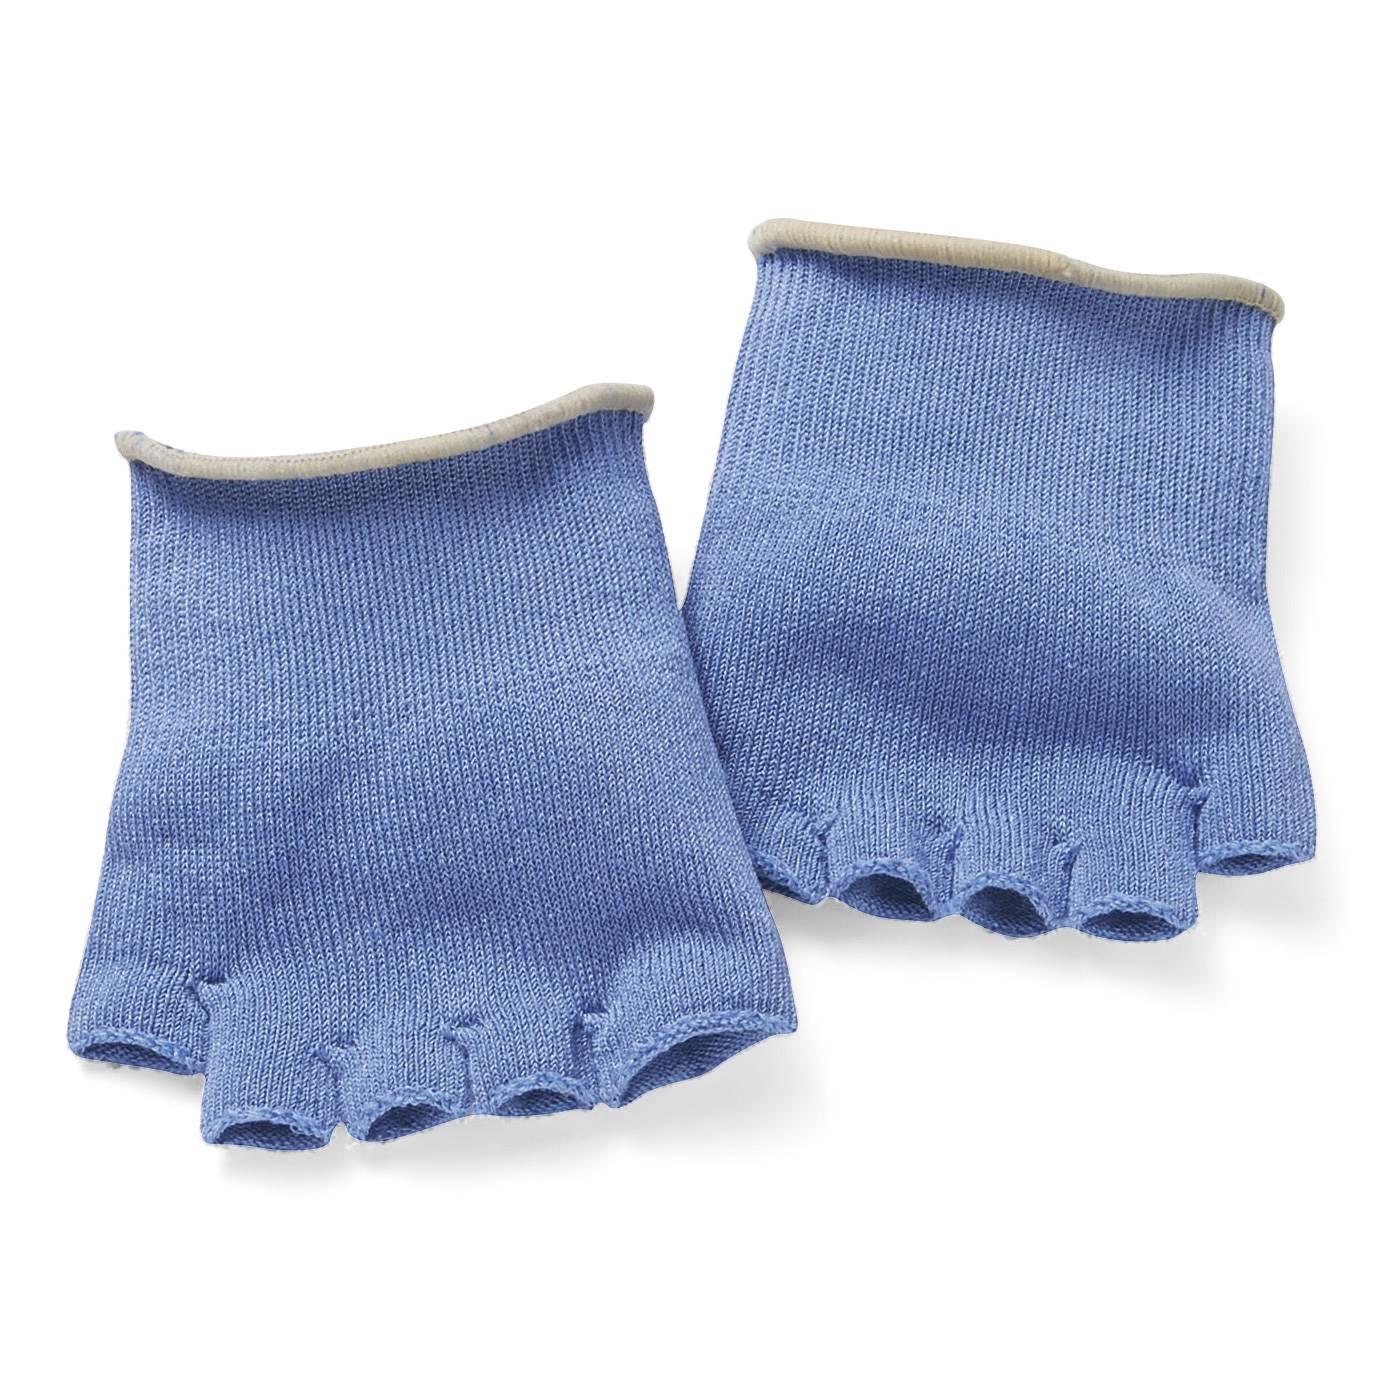 汗がたまりやすい指のまたにも気持ちよくフィット。